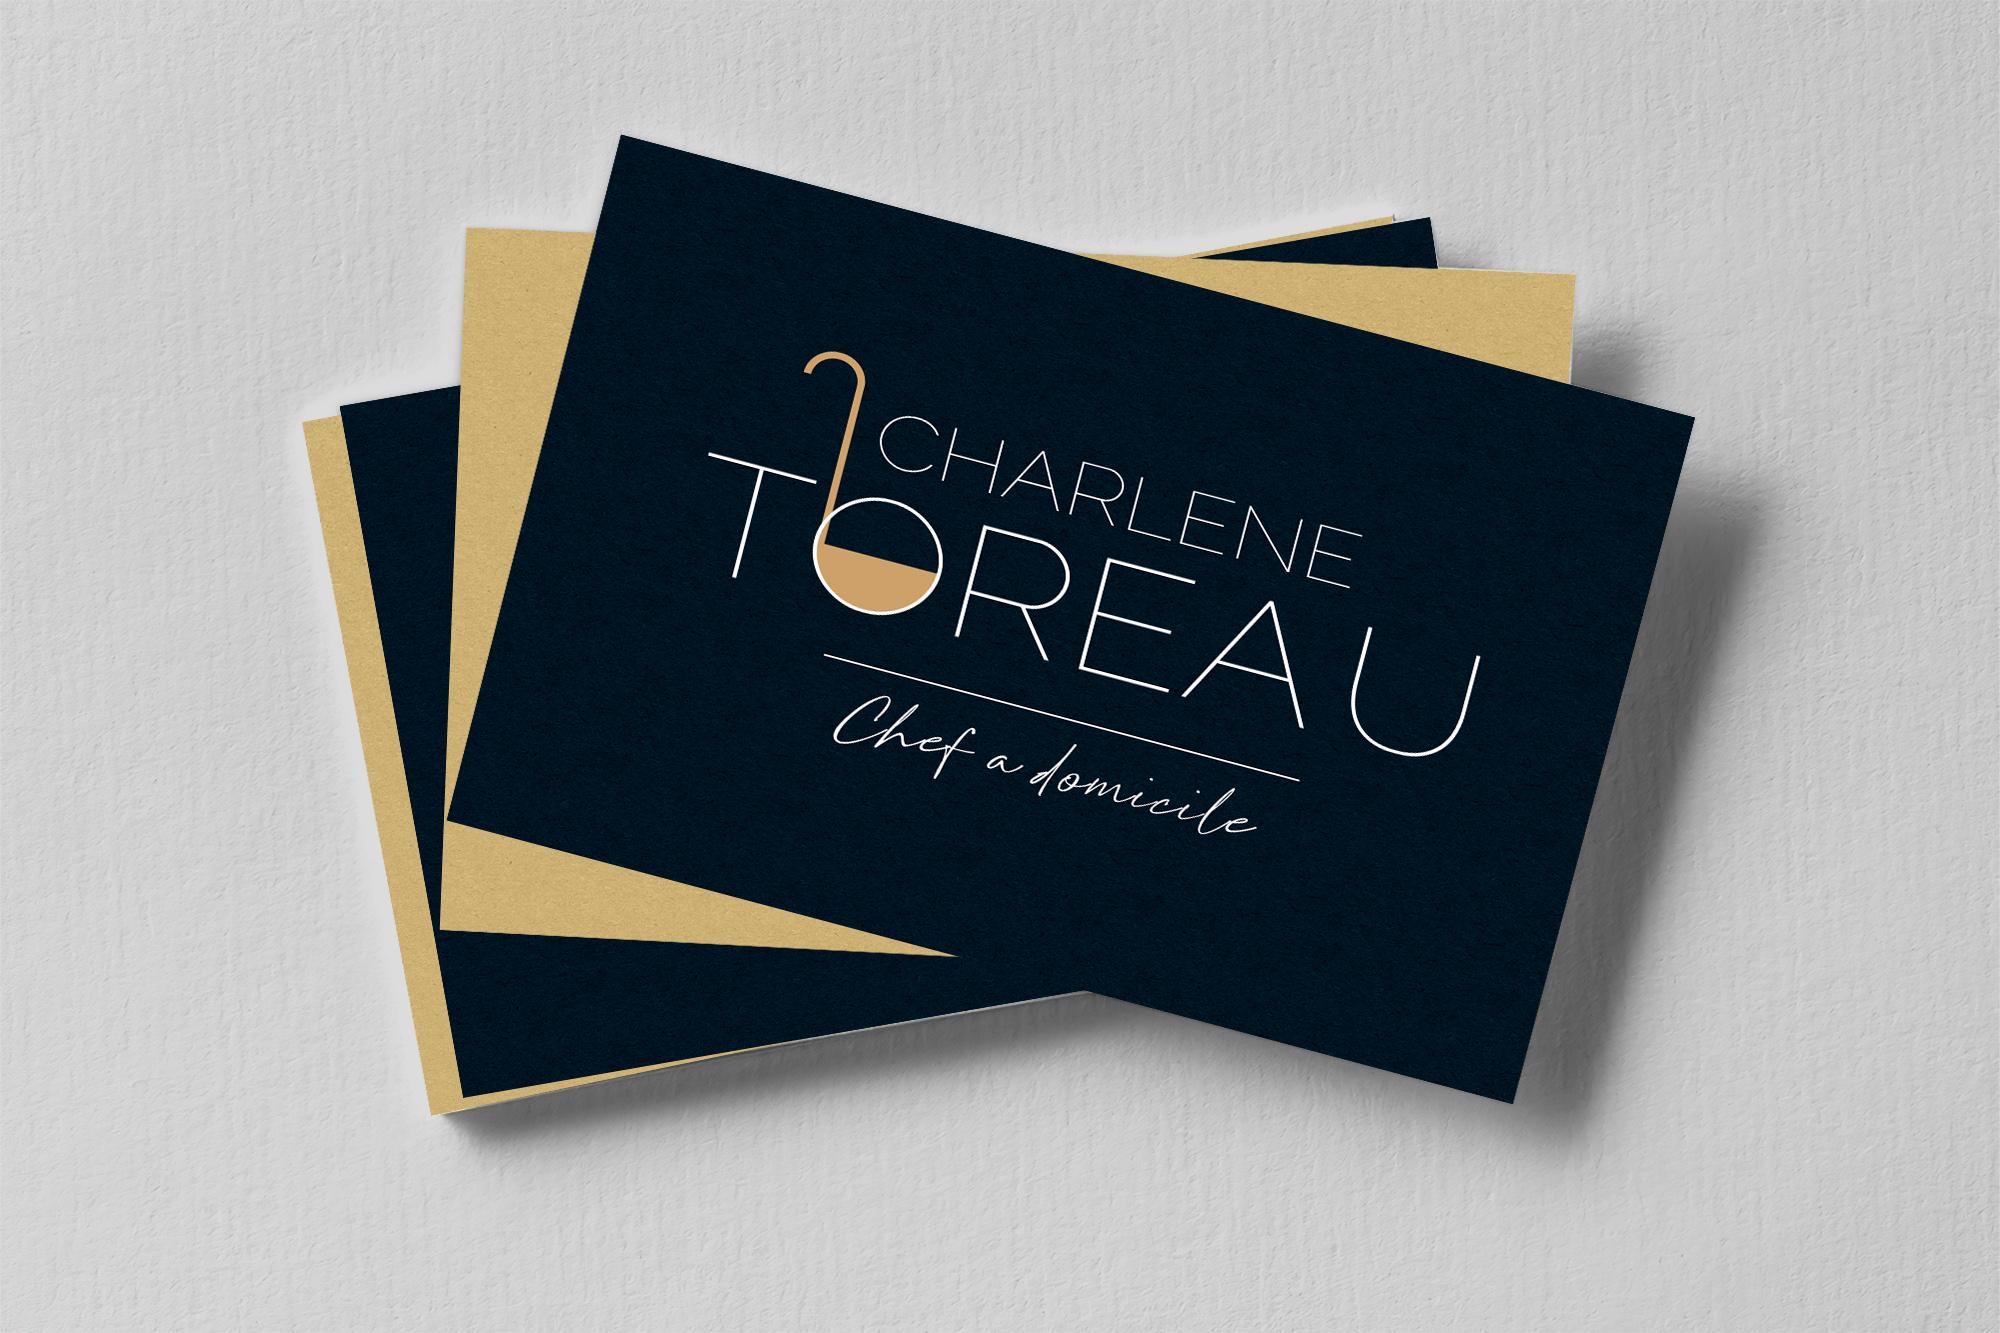 Logo Charlene Toreau Cheffe à domicile